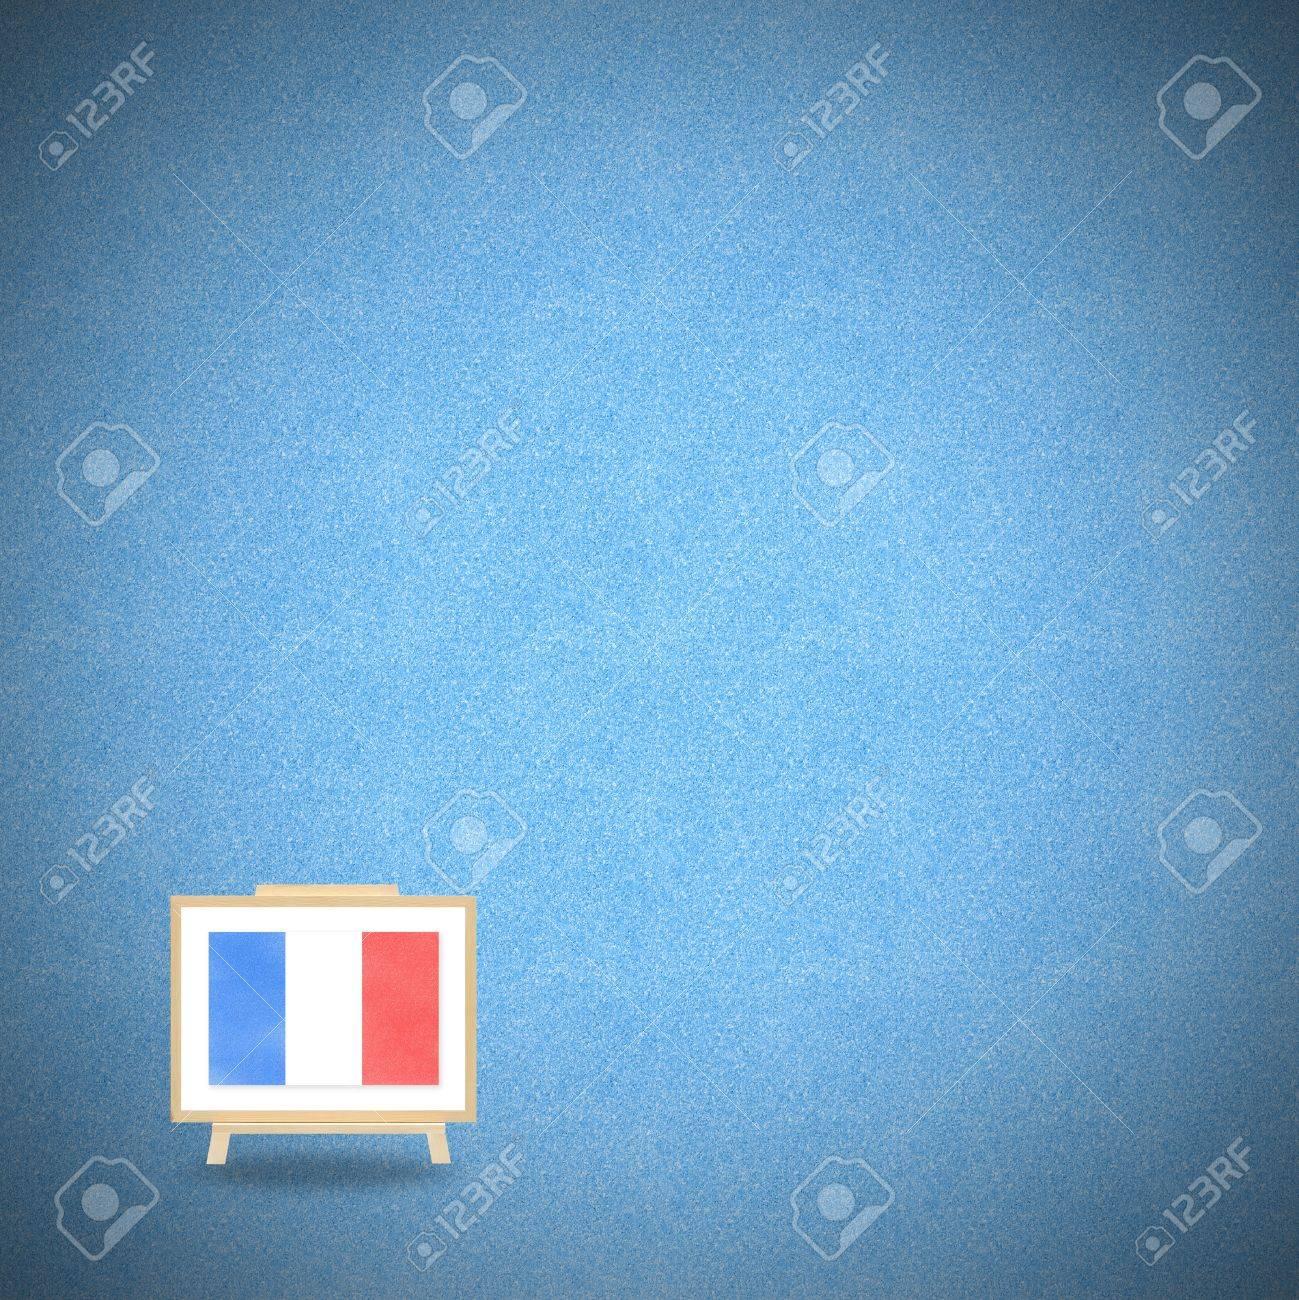 Drapeau France Sur Fond Bleu Liege Banque D Images Et Photos Libres De Droits Image 13501200